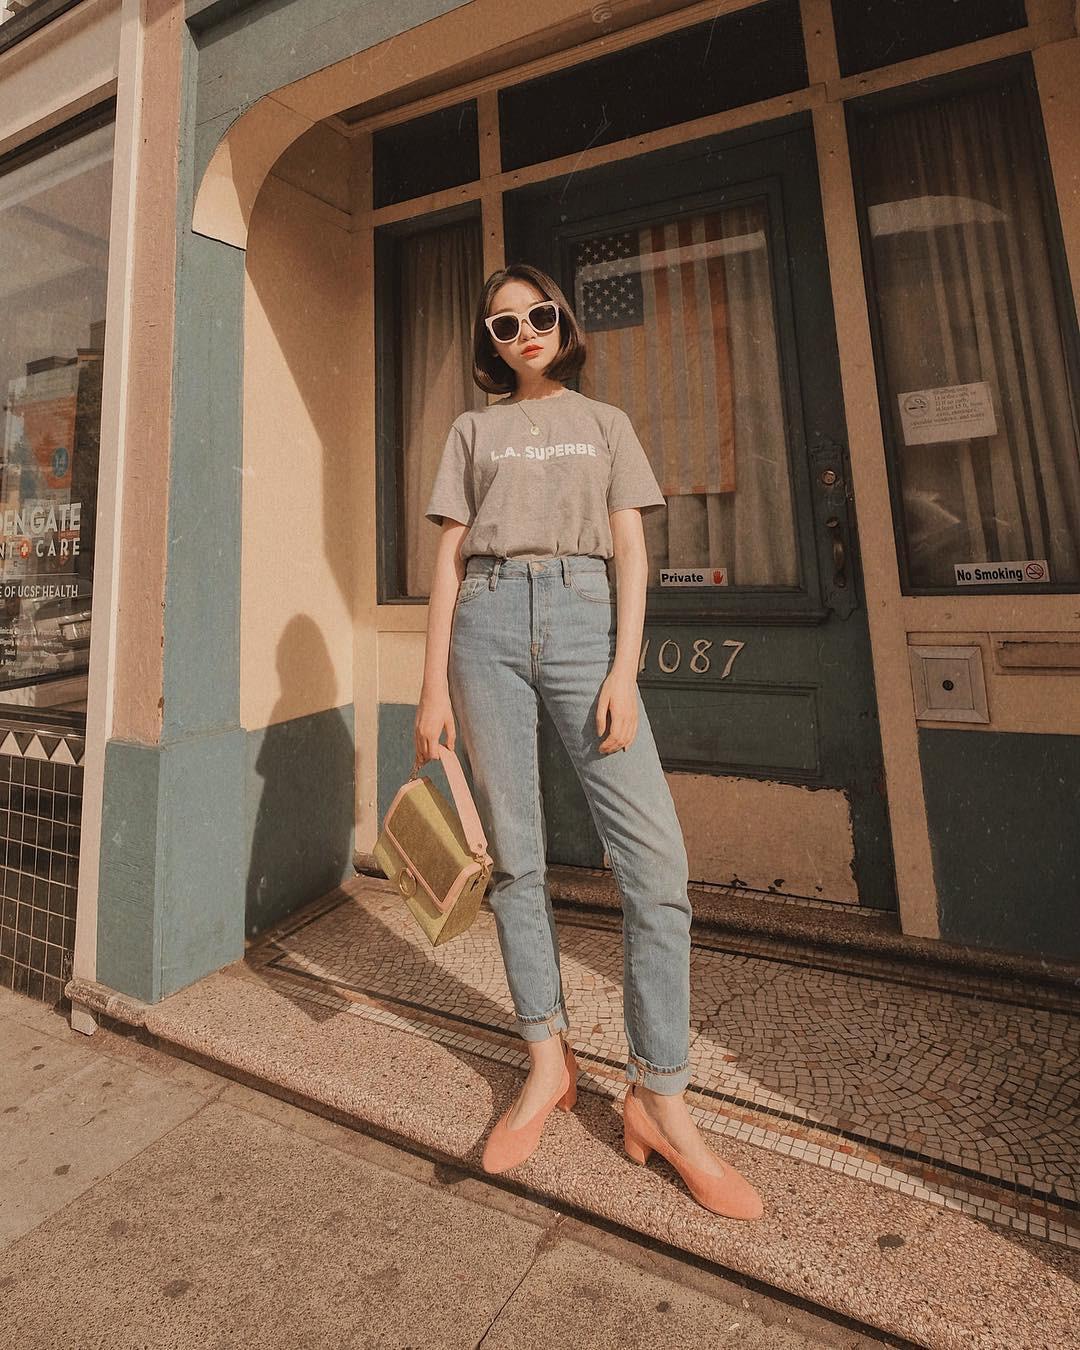 Đã tìm ra kiểu quần jeans vô địch về khoản hack tuổi, nhưng vẫn thanh lịch chẳng kém quần jeans trắng-2